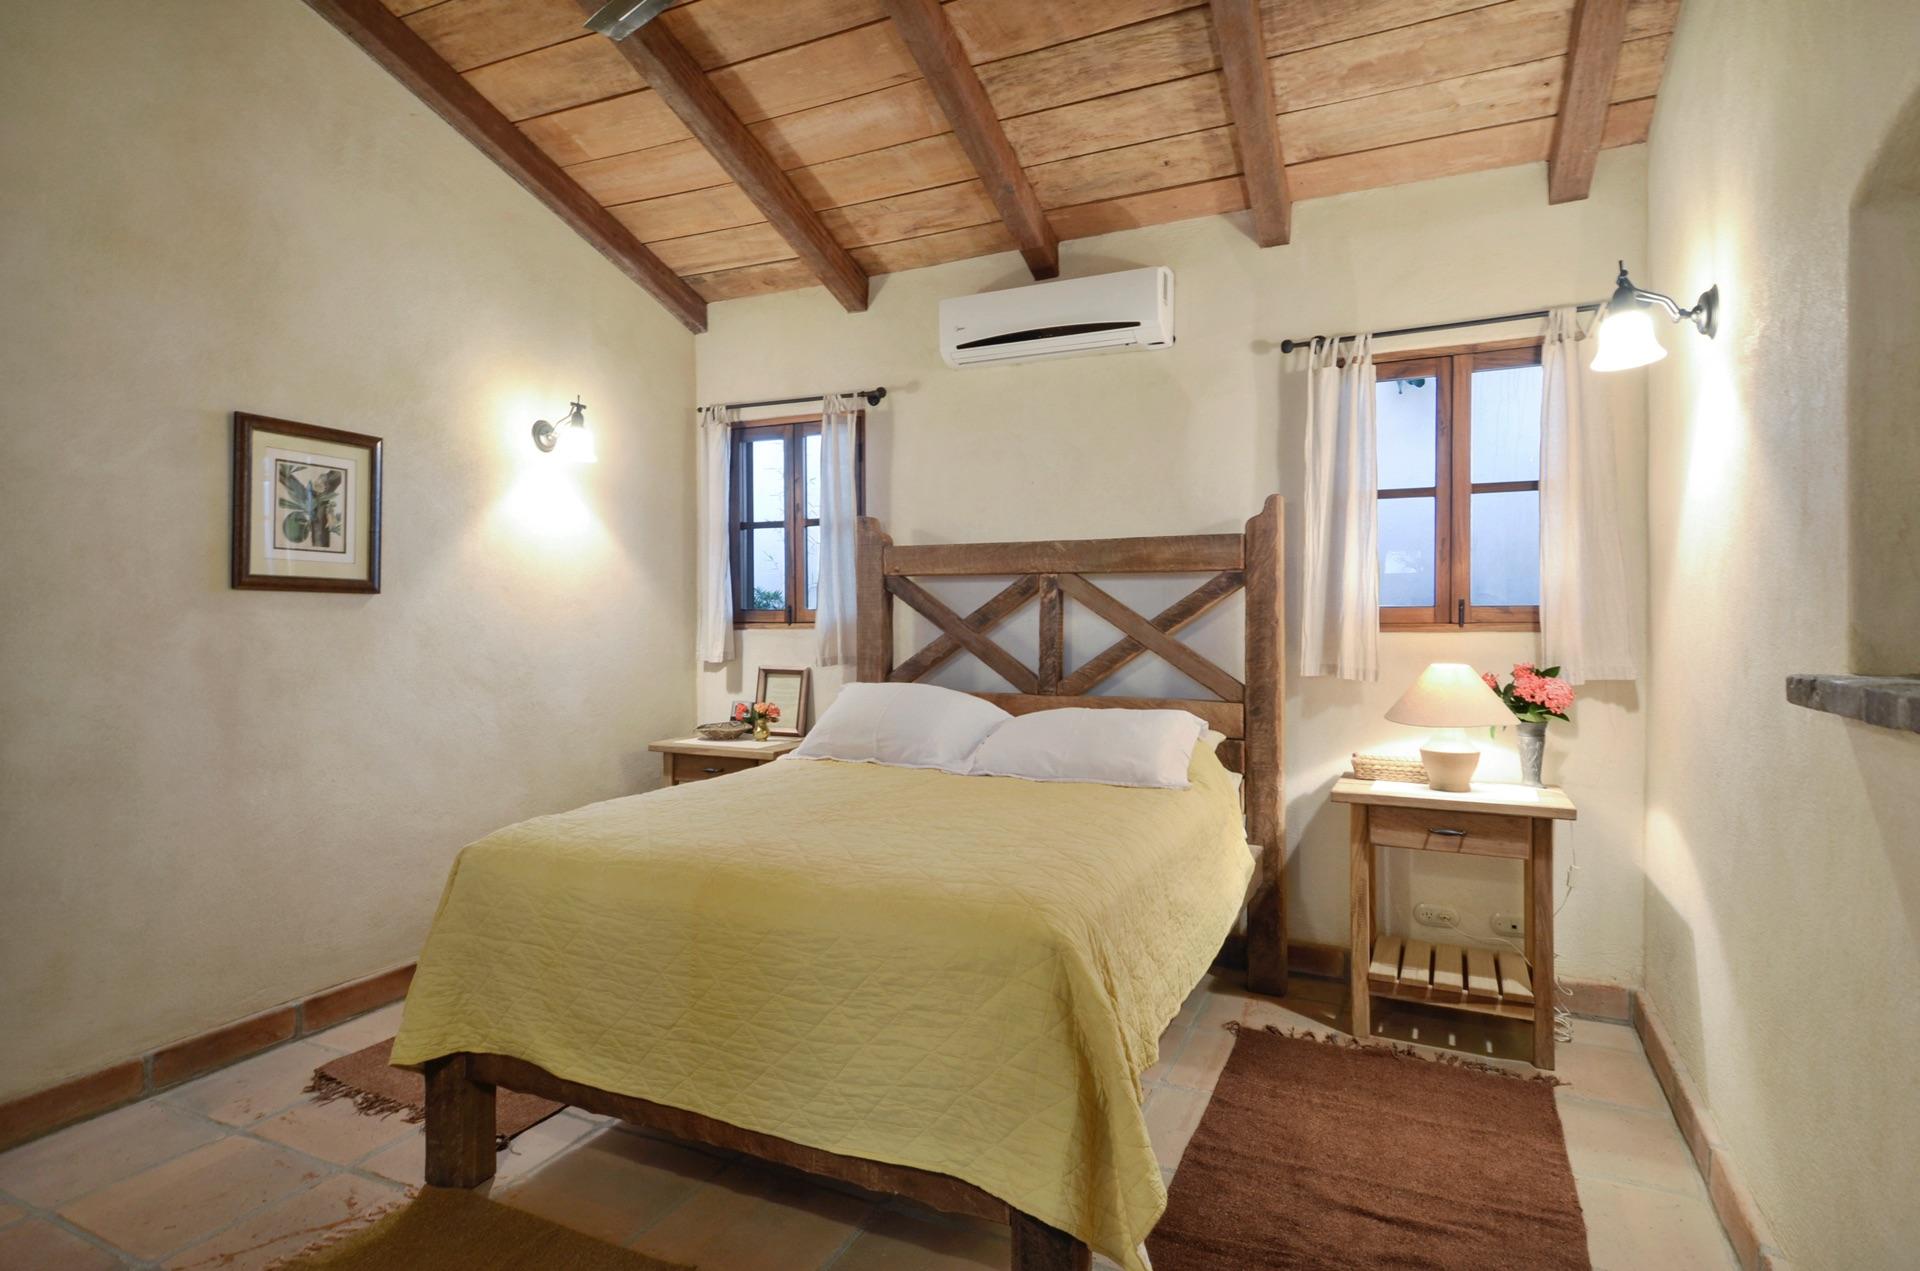 Bedroom at Hacienda del Pacifico